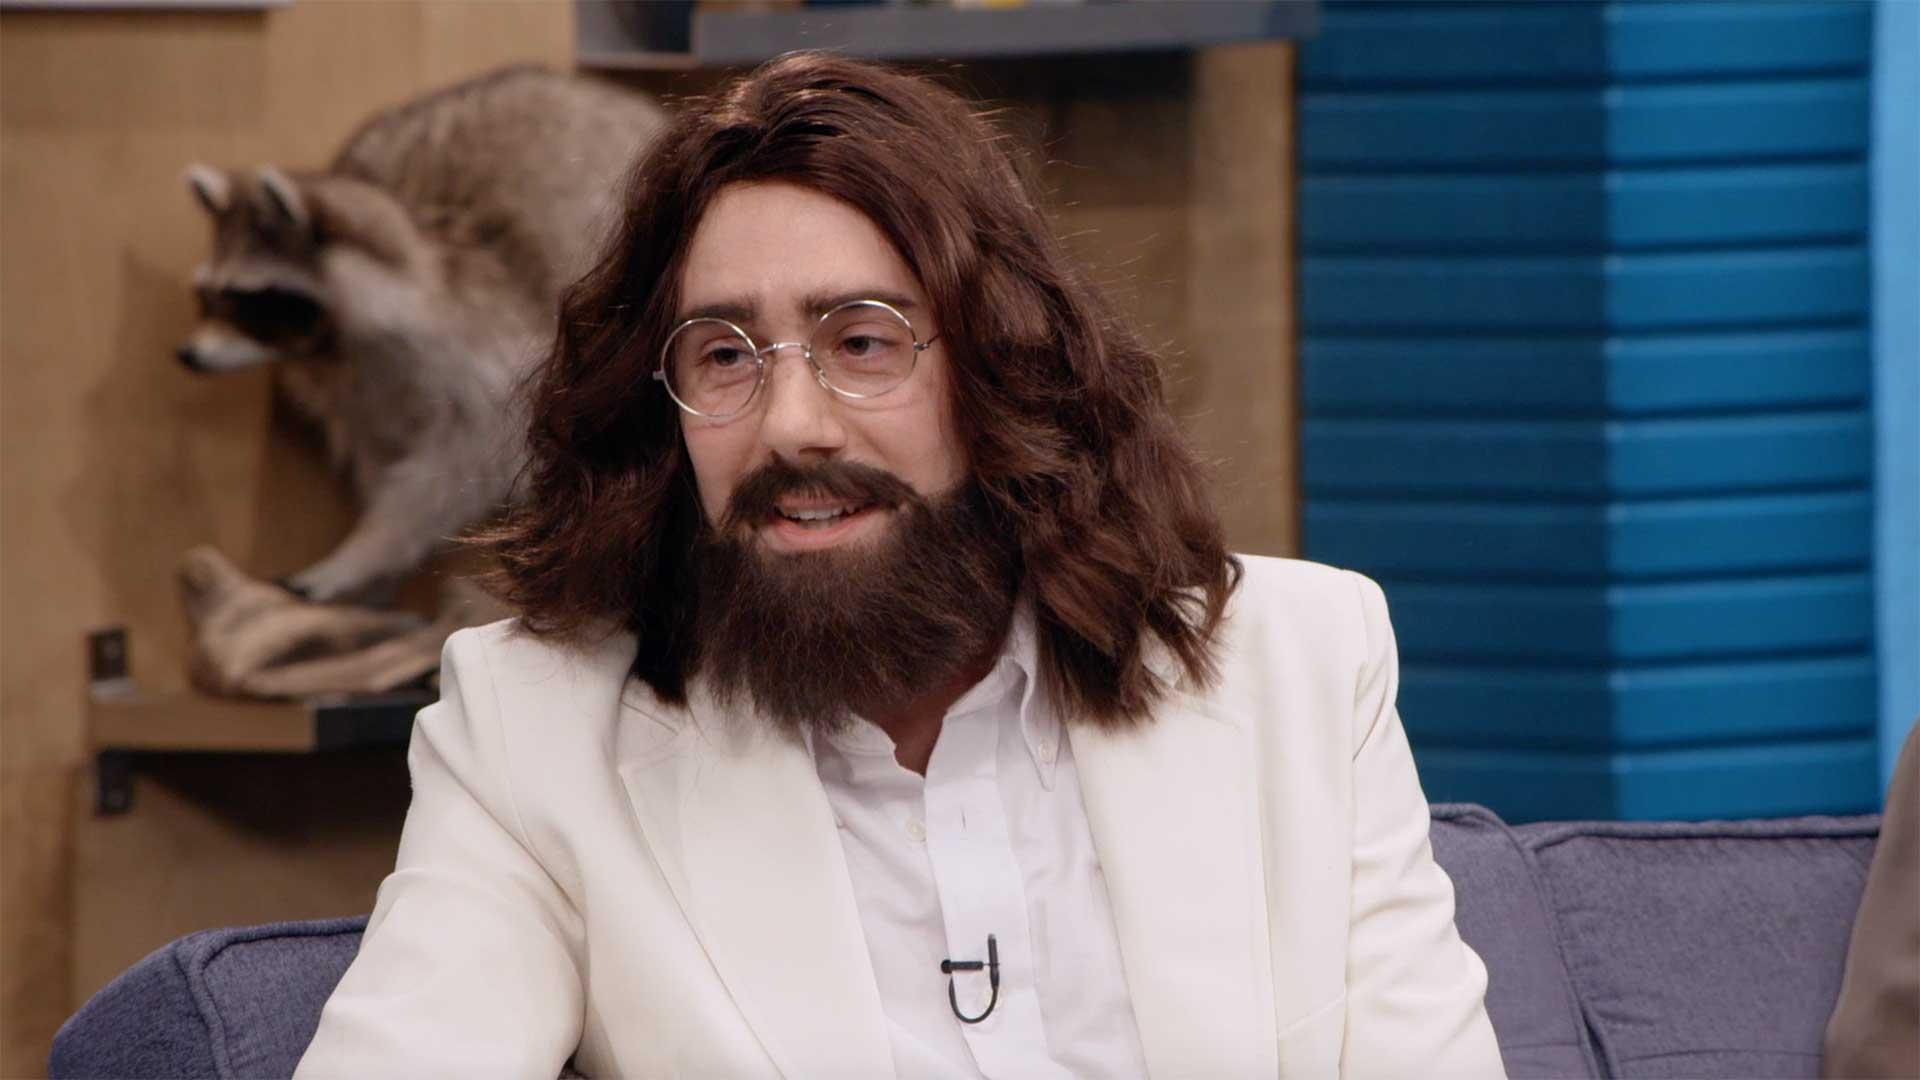 CBB John Lennon